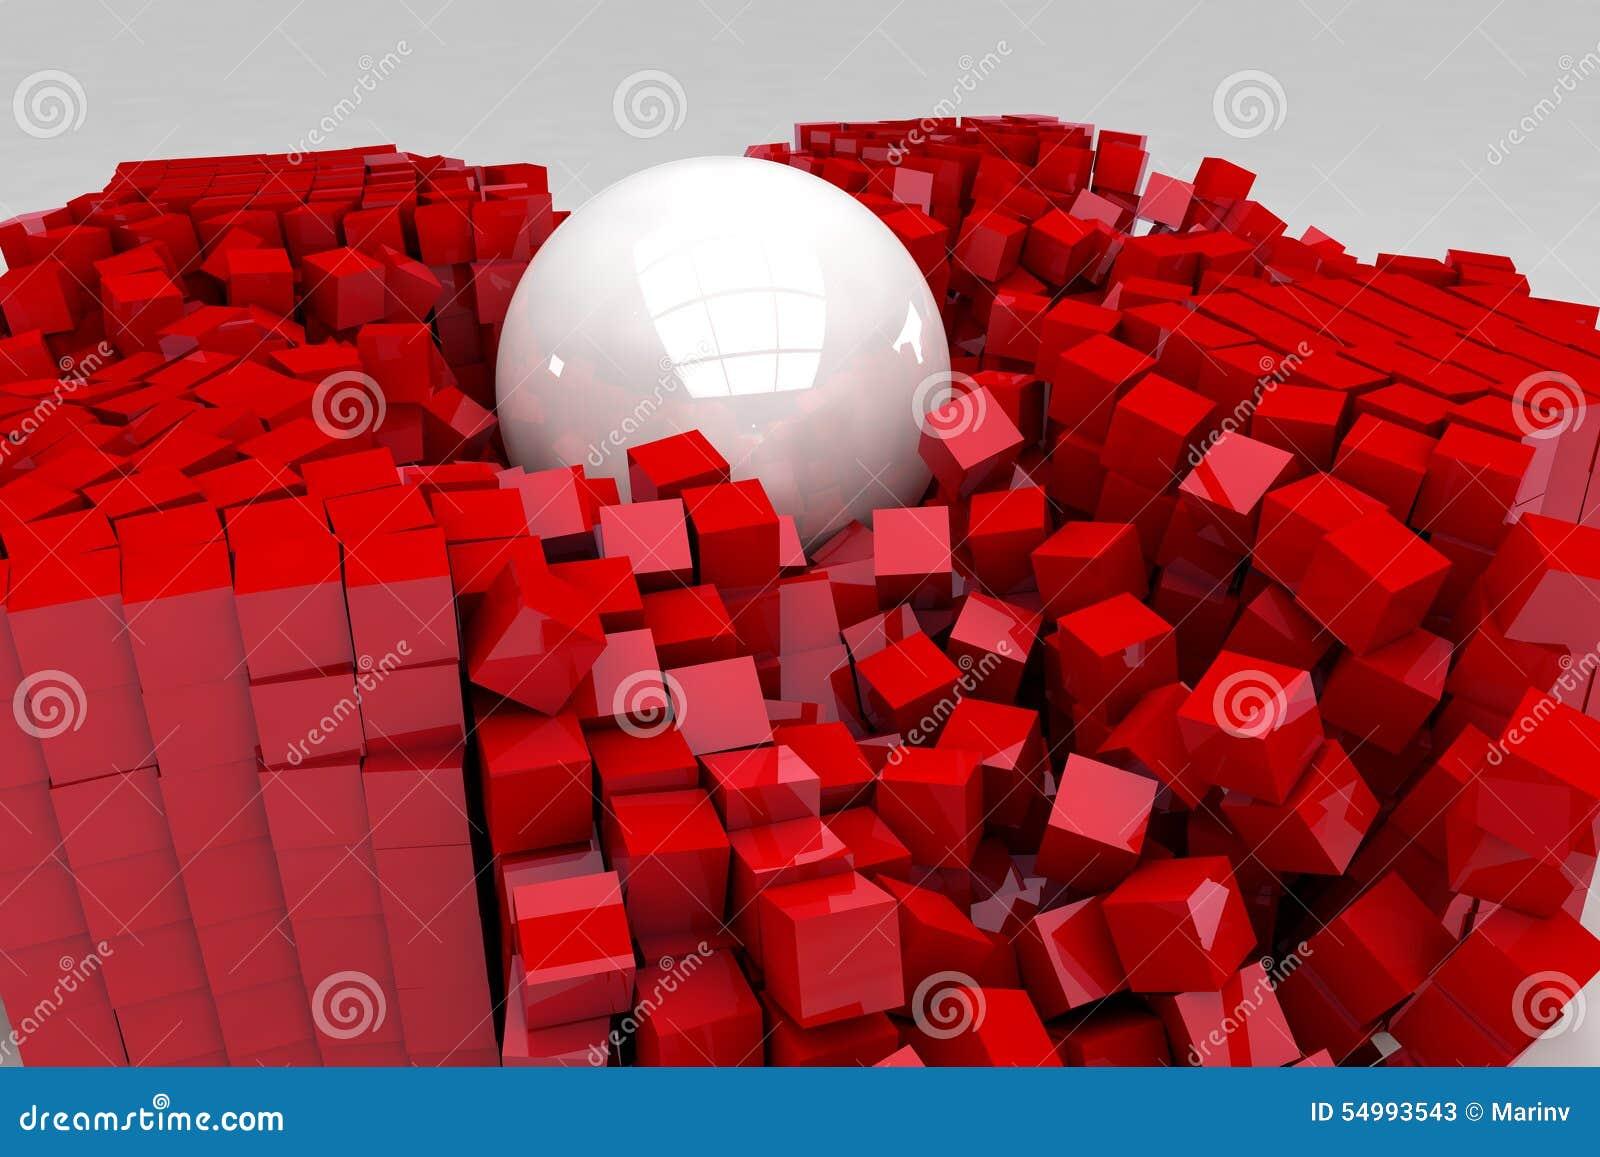 Fält av röda kuber som förstörs av den stora vita bollen